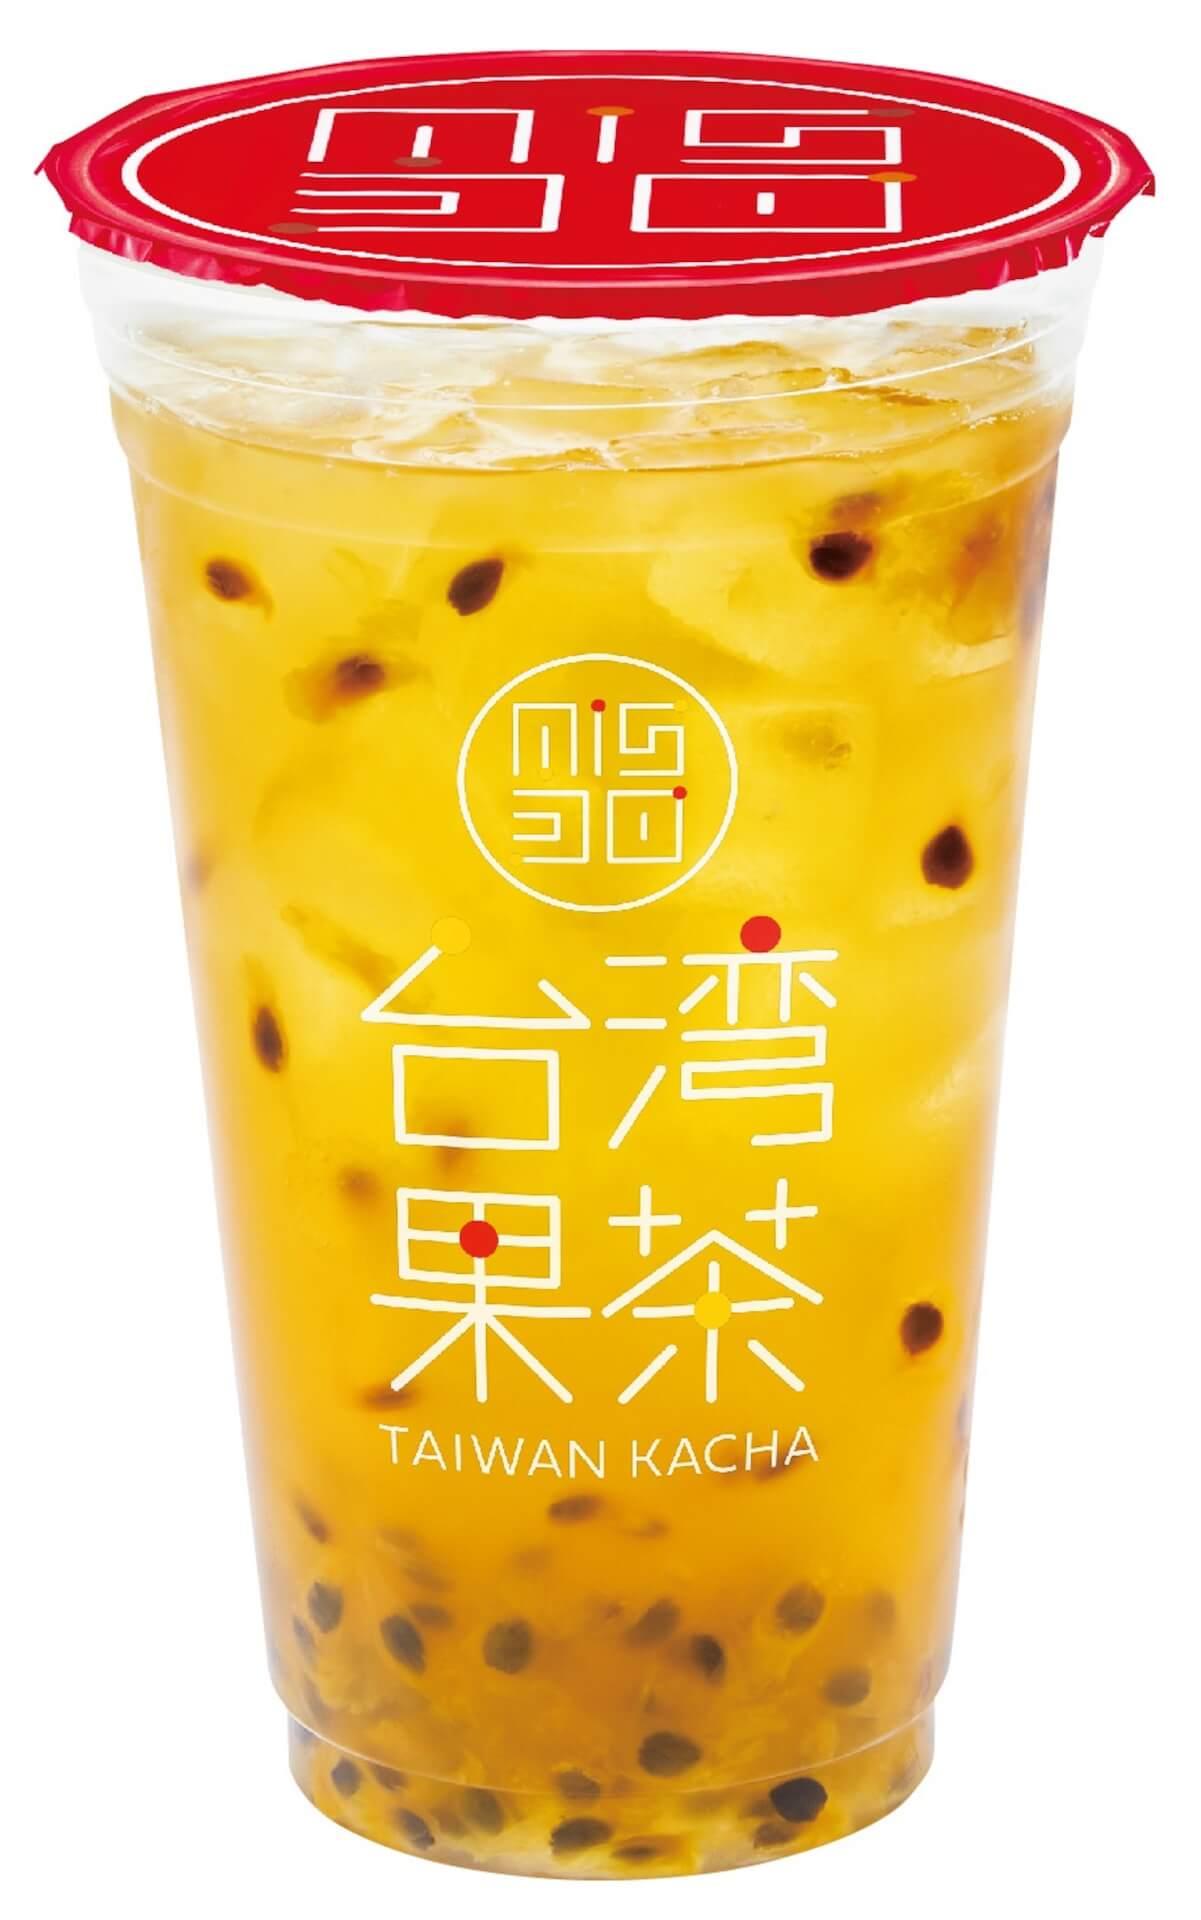 """ミスドから""""カチャカチャ""""振って飲むフルーツティ「台湾果茶」期間限定販売!ギフトチケット(ギフティ)1,000円分がもらえるキャンペーンも実施 gourmet210423_misterdonut-210423_4"""